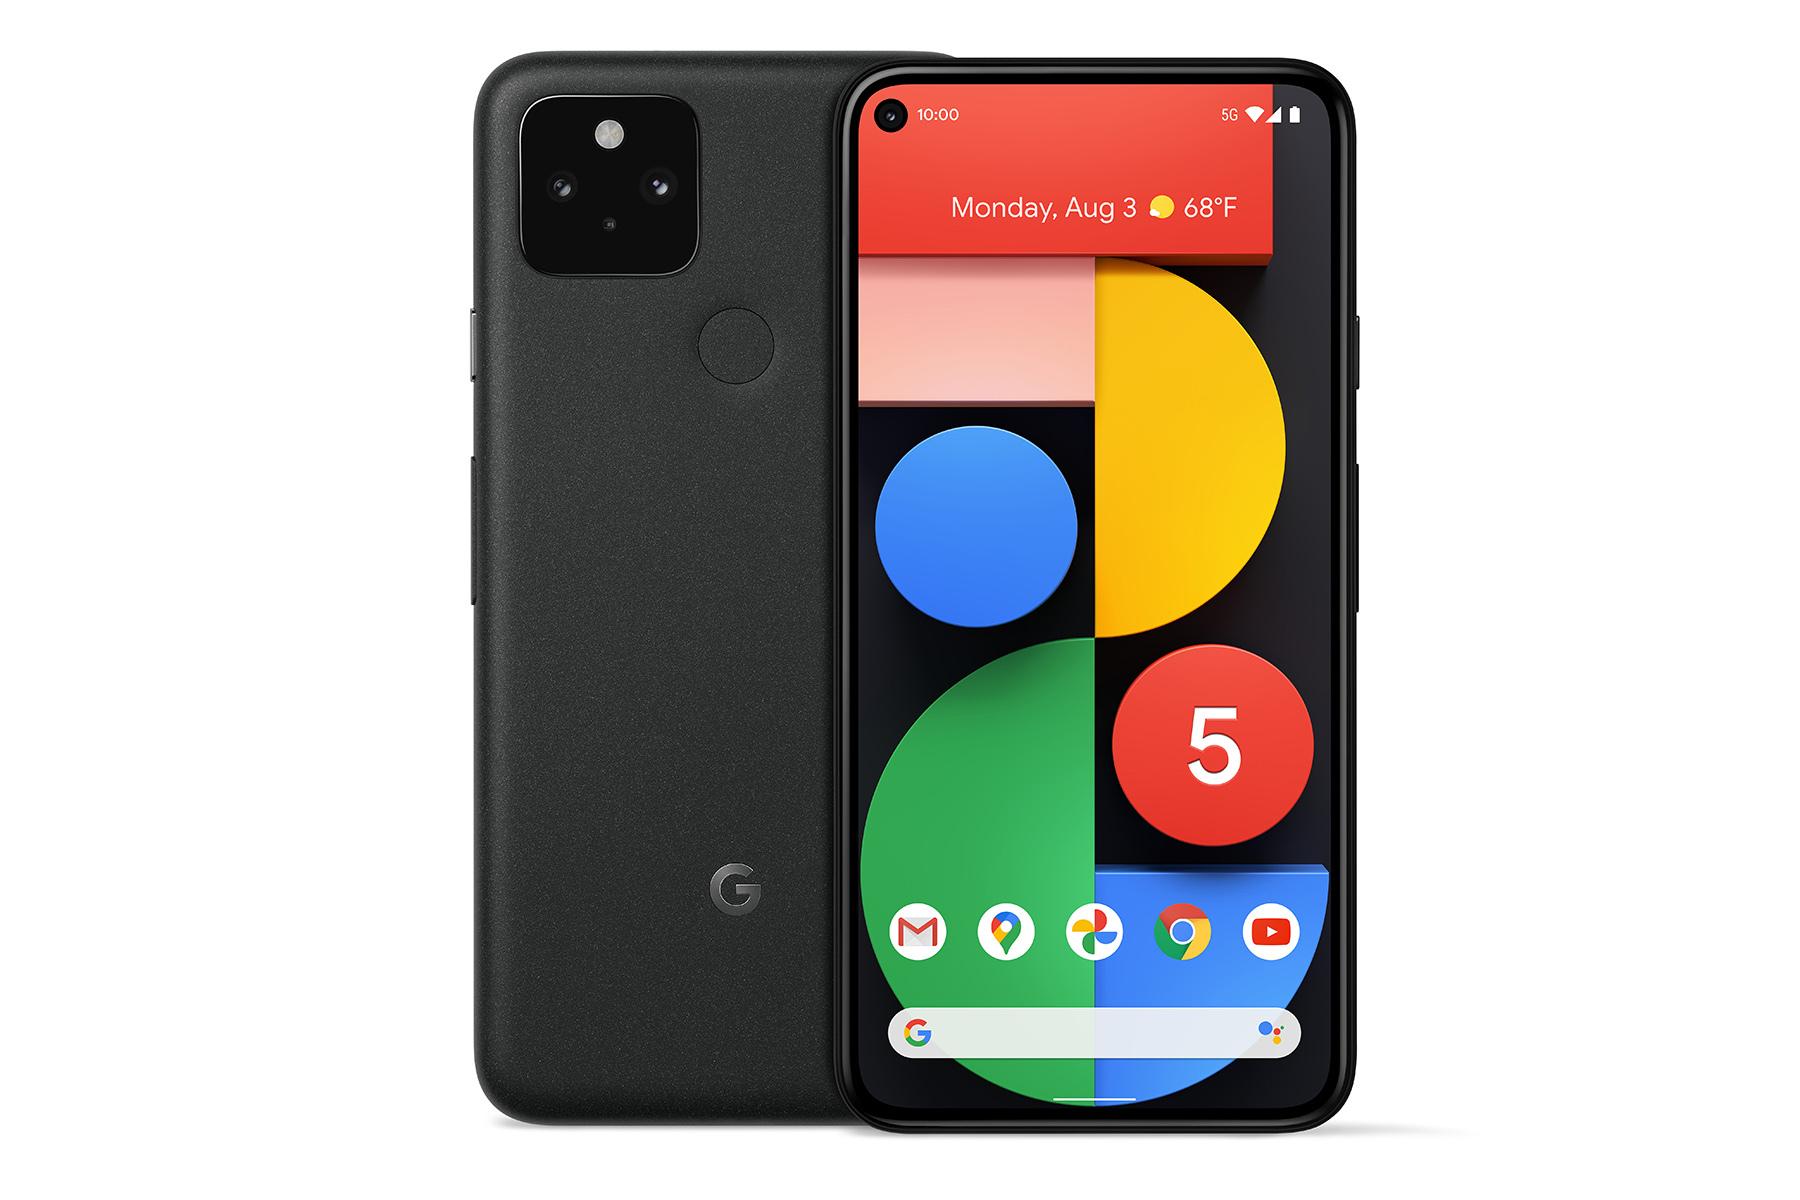 Pixel 5 image